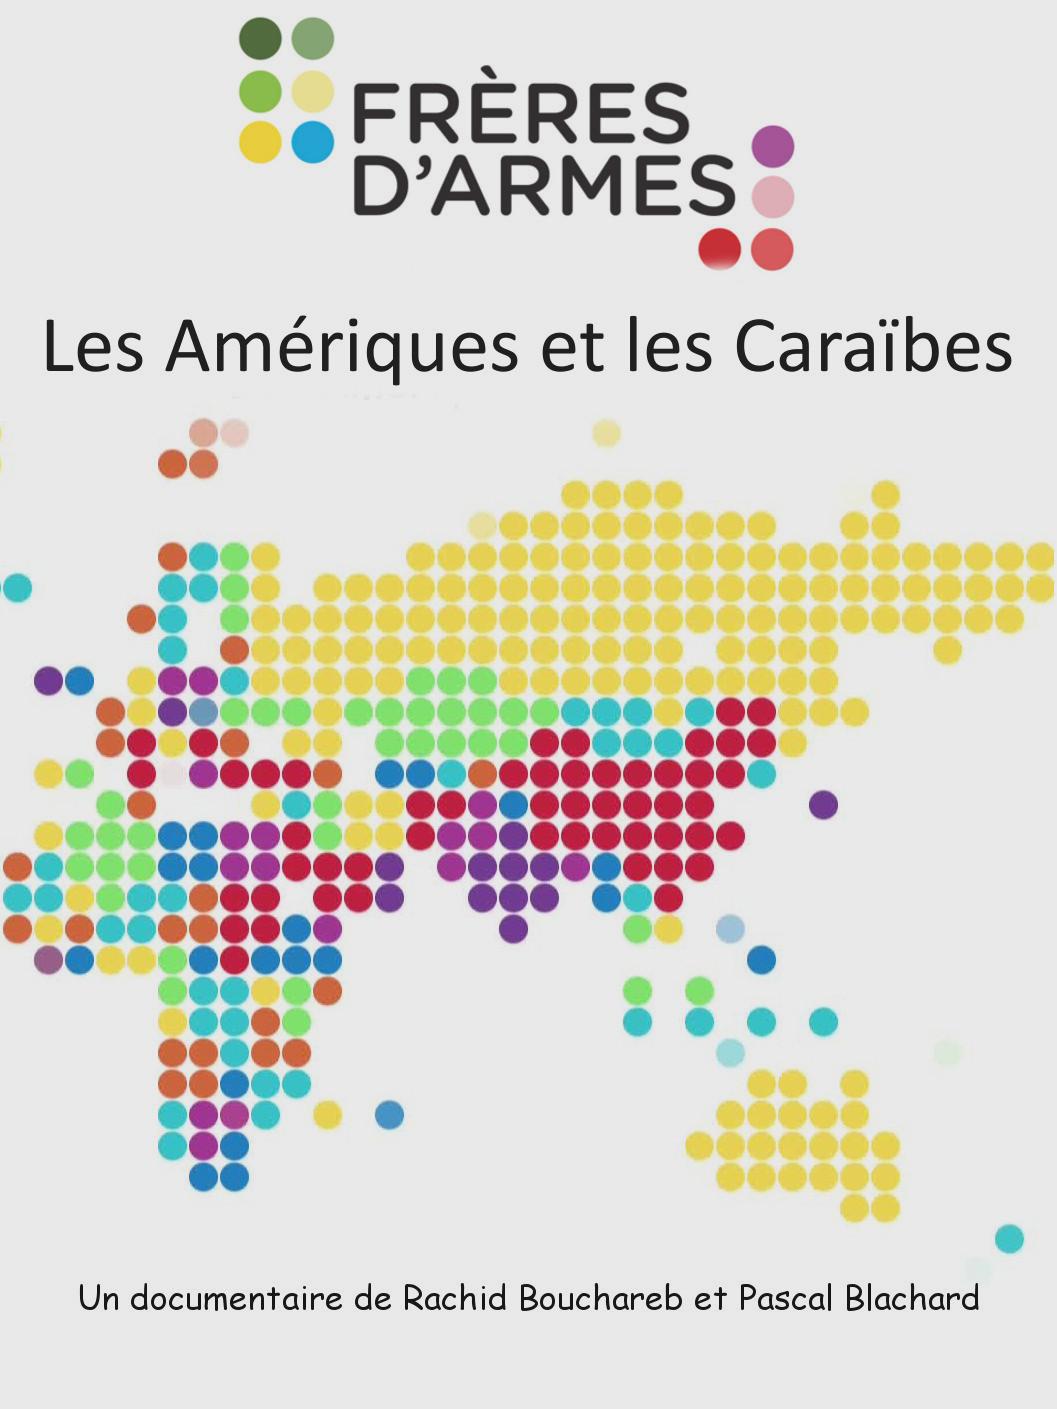 Frères d'armes : Amériques et Caraïbes